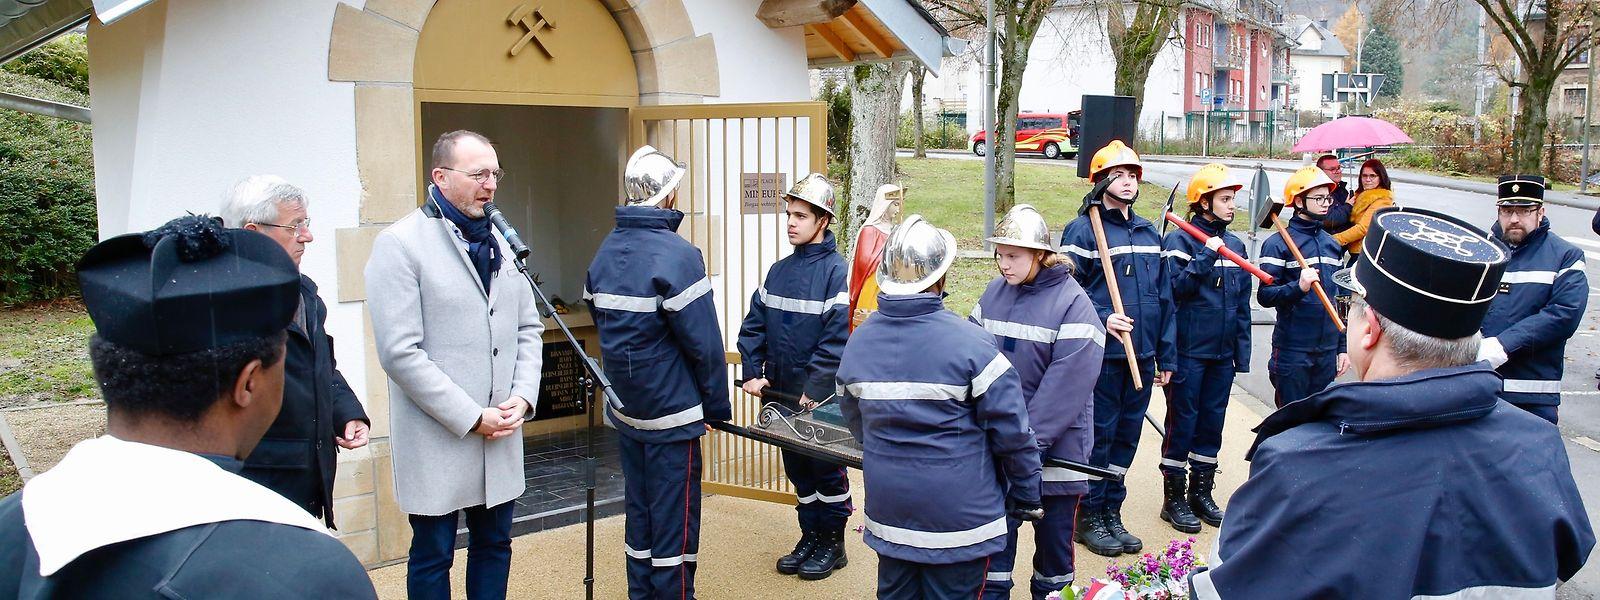 Am 1. Dezember wurde die Kapelle von Bürgermeister Georges Engel (LSAP) eingeweiht.